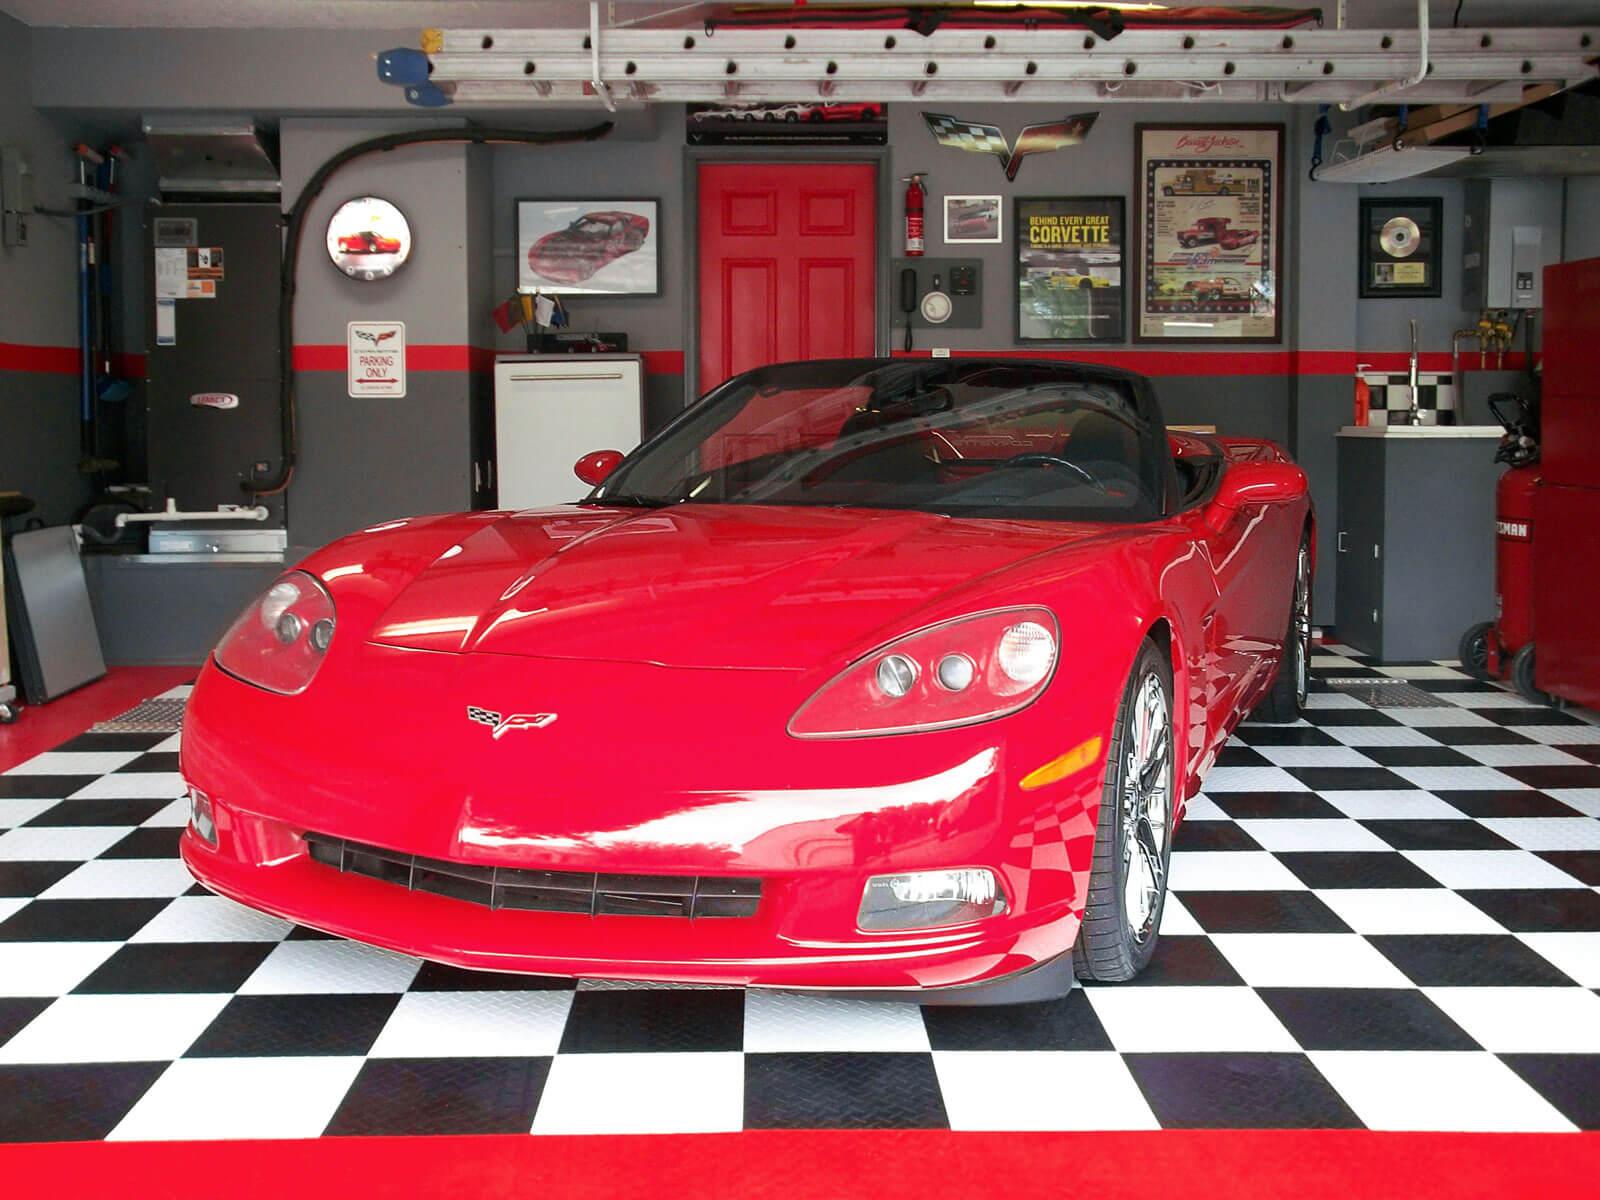 Portable Parking Garage >> Garage Gallery - RaceDeck